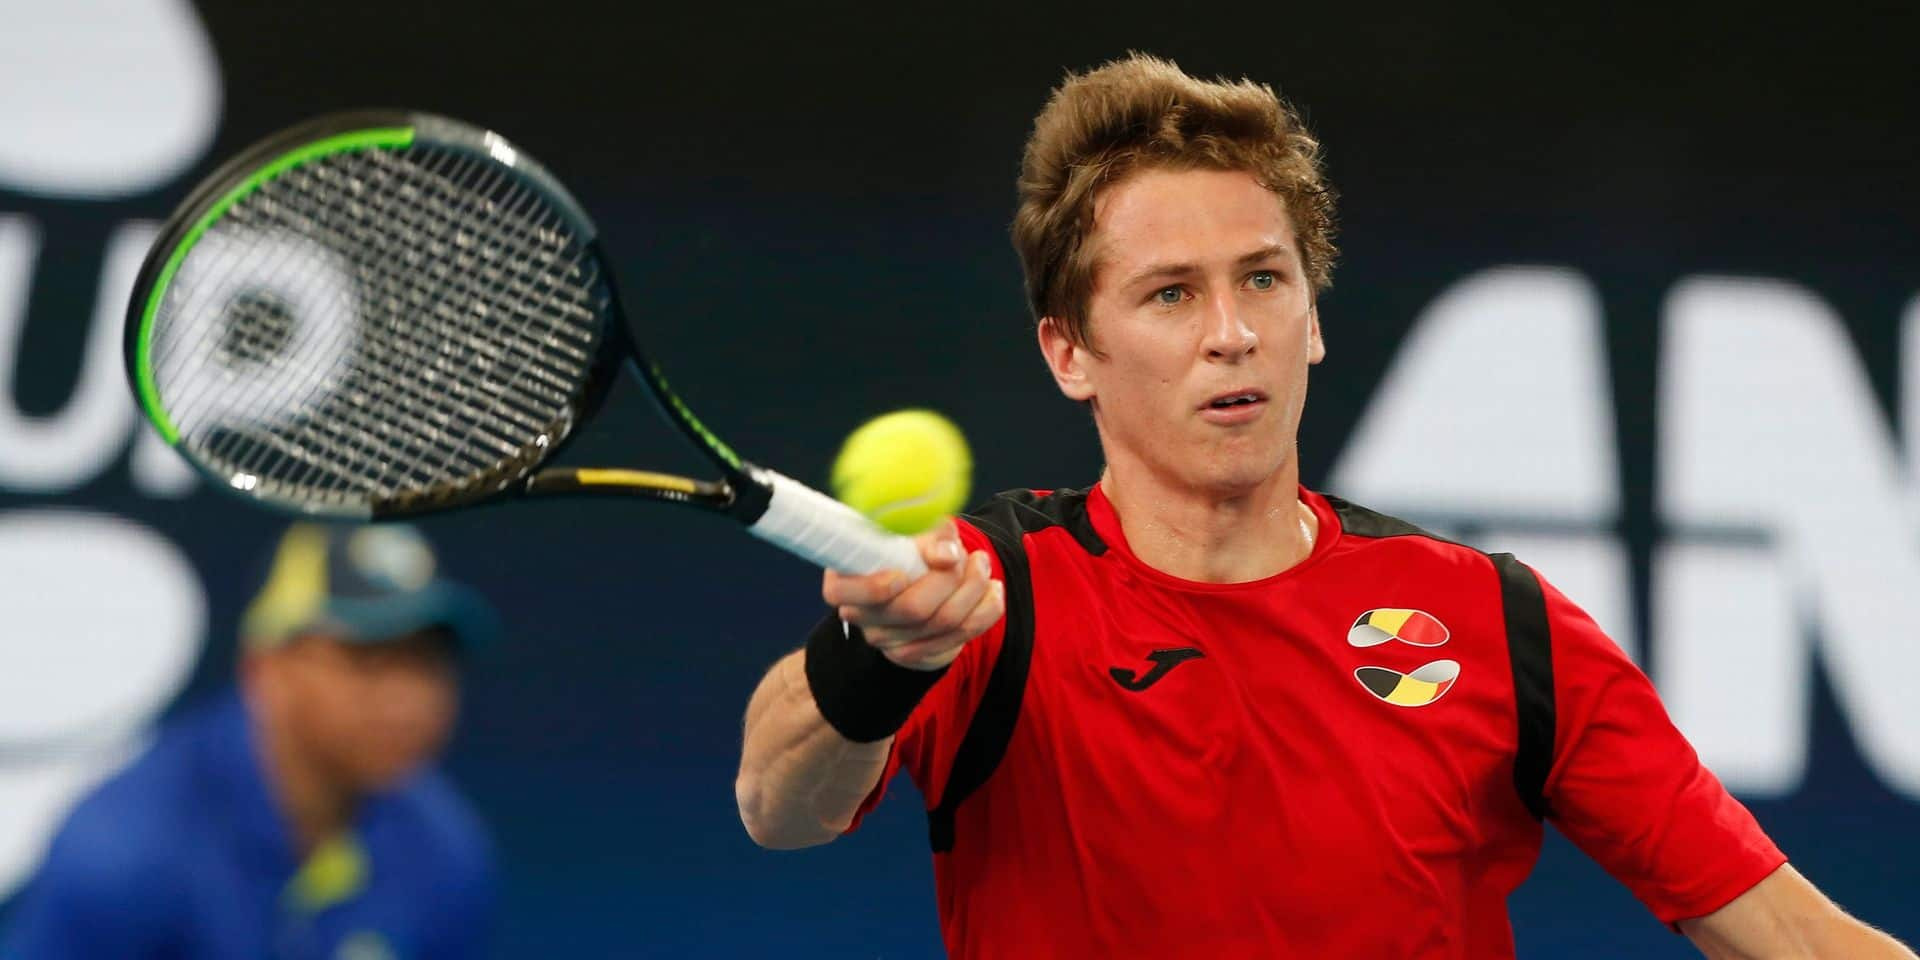 ATP Cup: Darcis laisse sa place à Coppejans qui s'incline face à Bautista Agut, la Belgique menée...